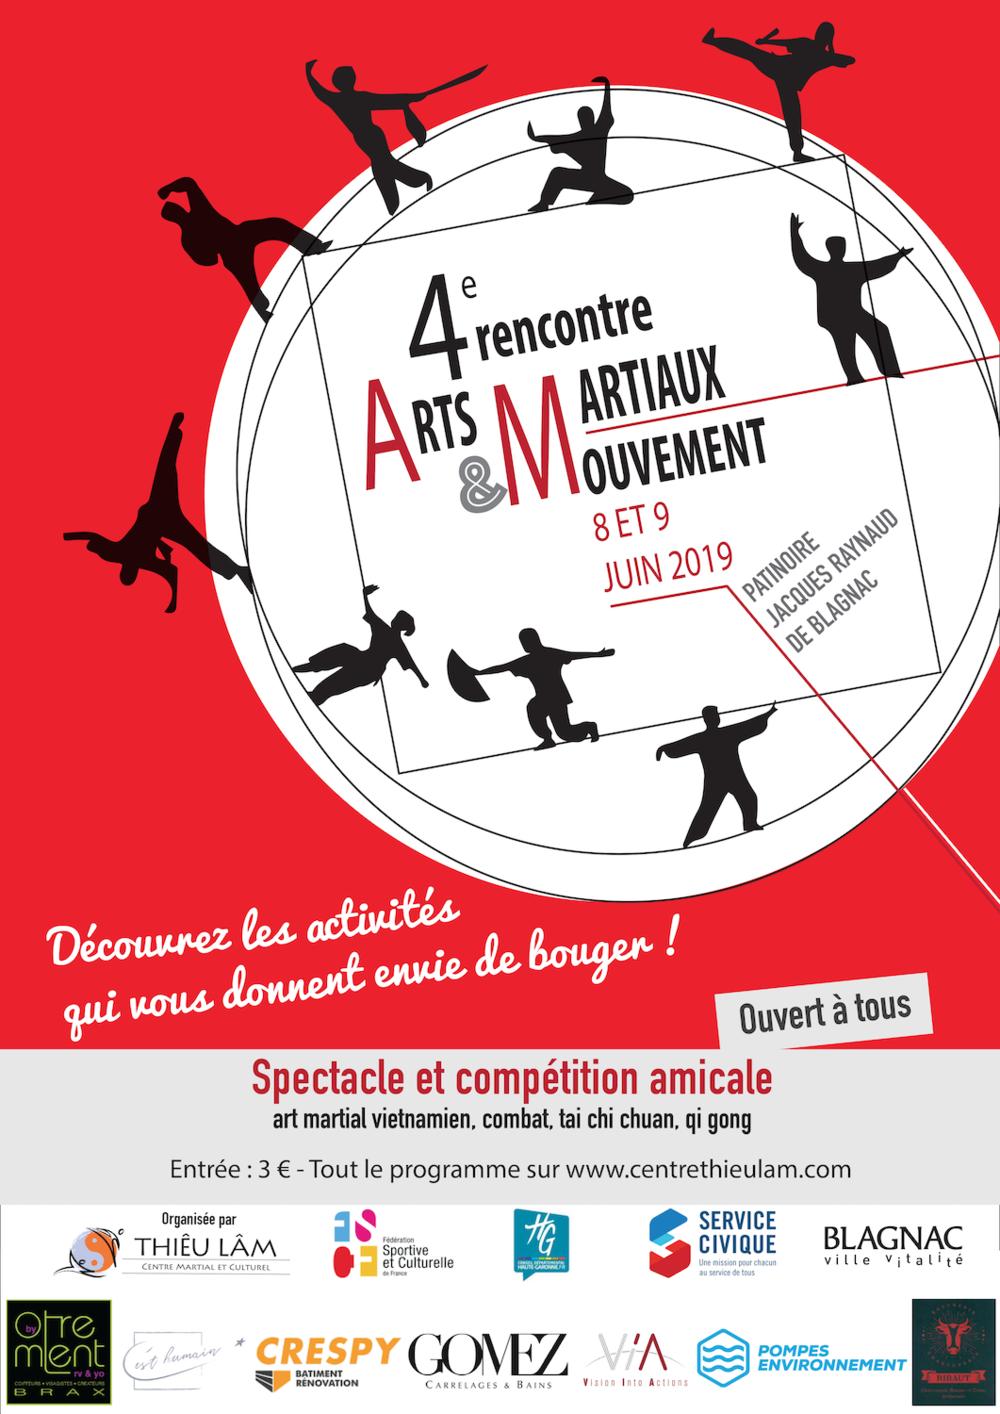 Affiche de la 3eme Rencontre des Arts Martiaux et du Mouvement